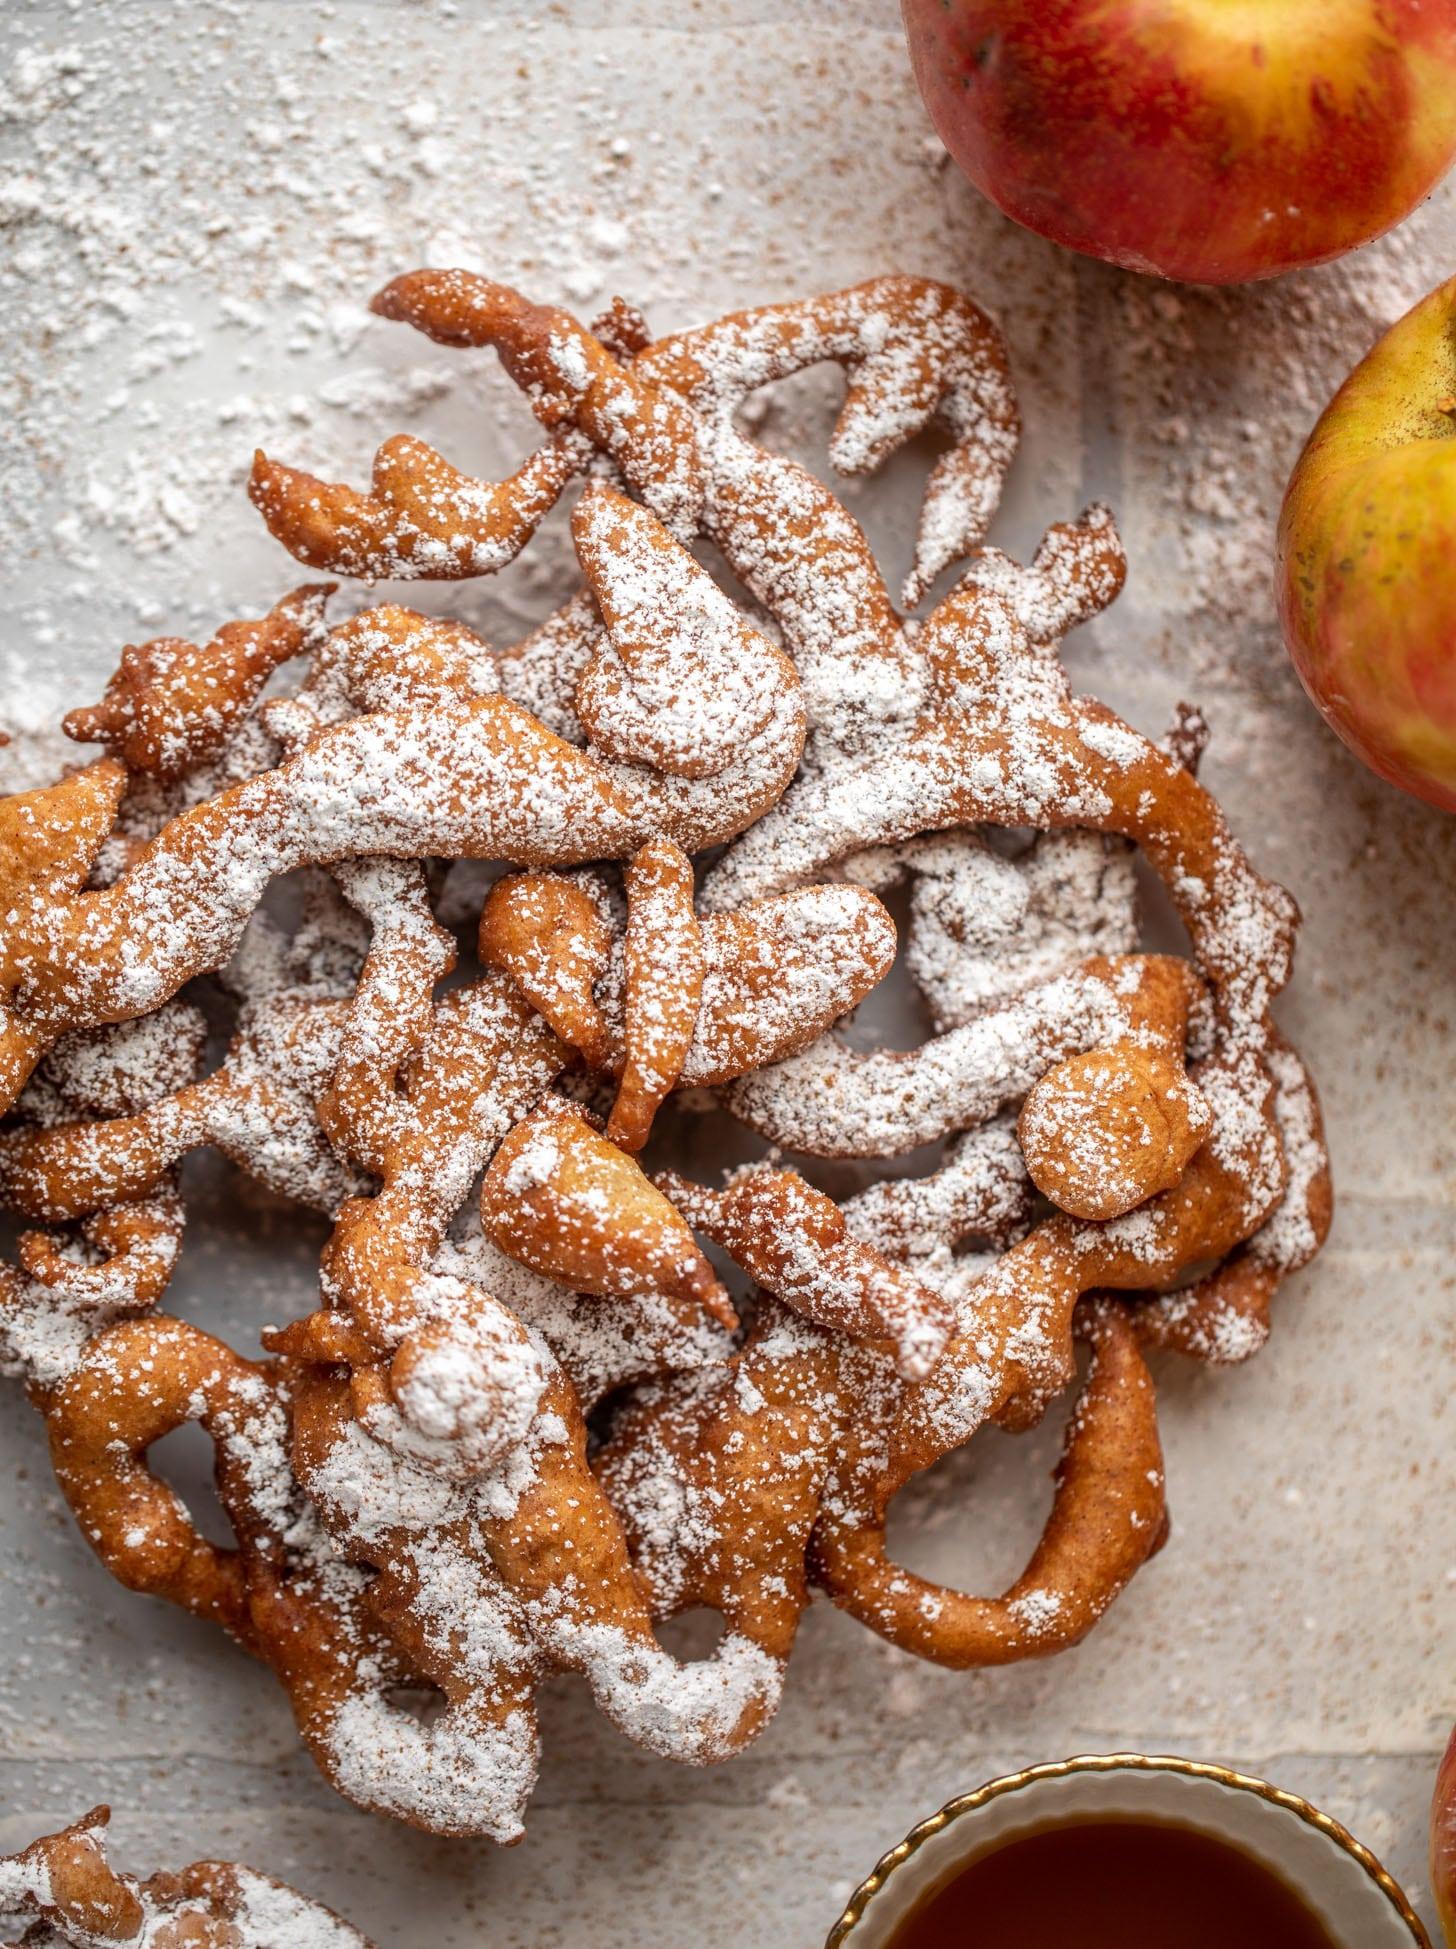 tortas de embudo de sidra de manzana